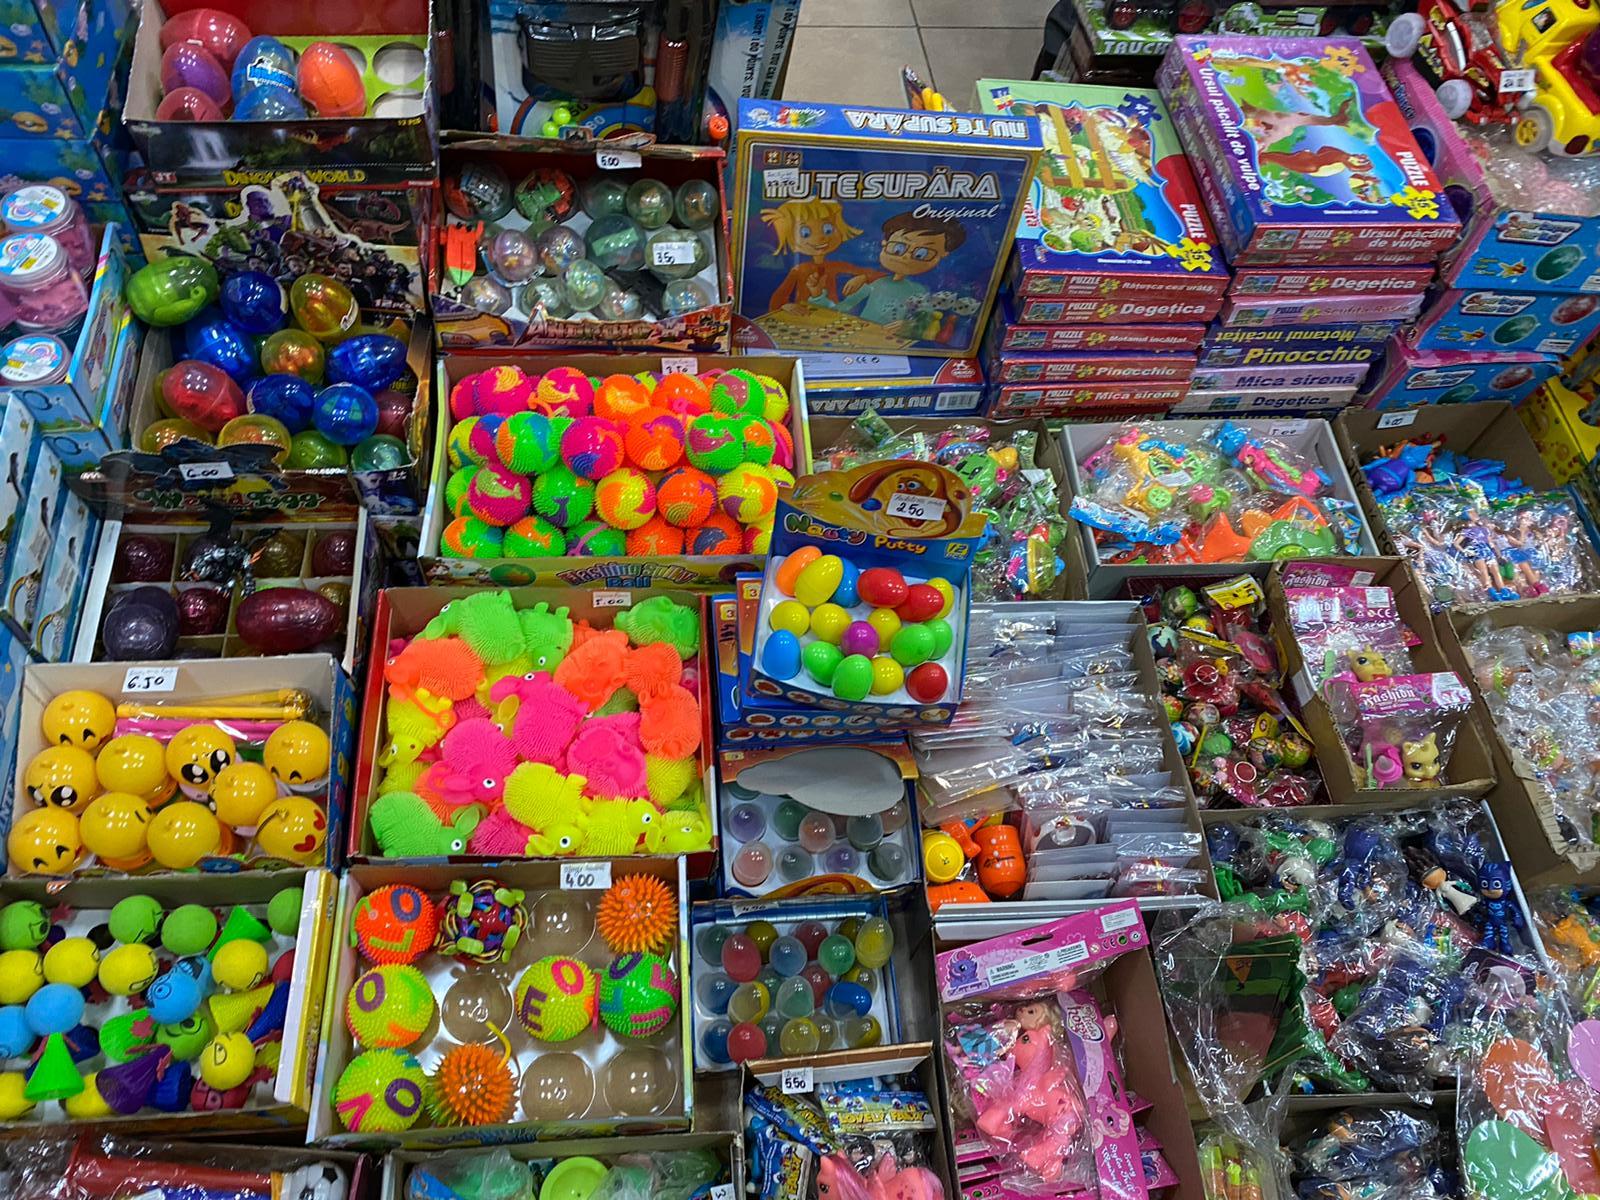 Amenzi aplicate de Protecția Consumatorilor comercianților de jucării, înainte de 1 Iunie. Nereguli în magazine din Neamț